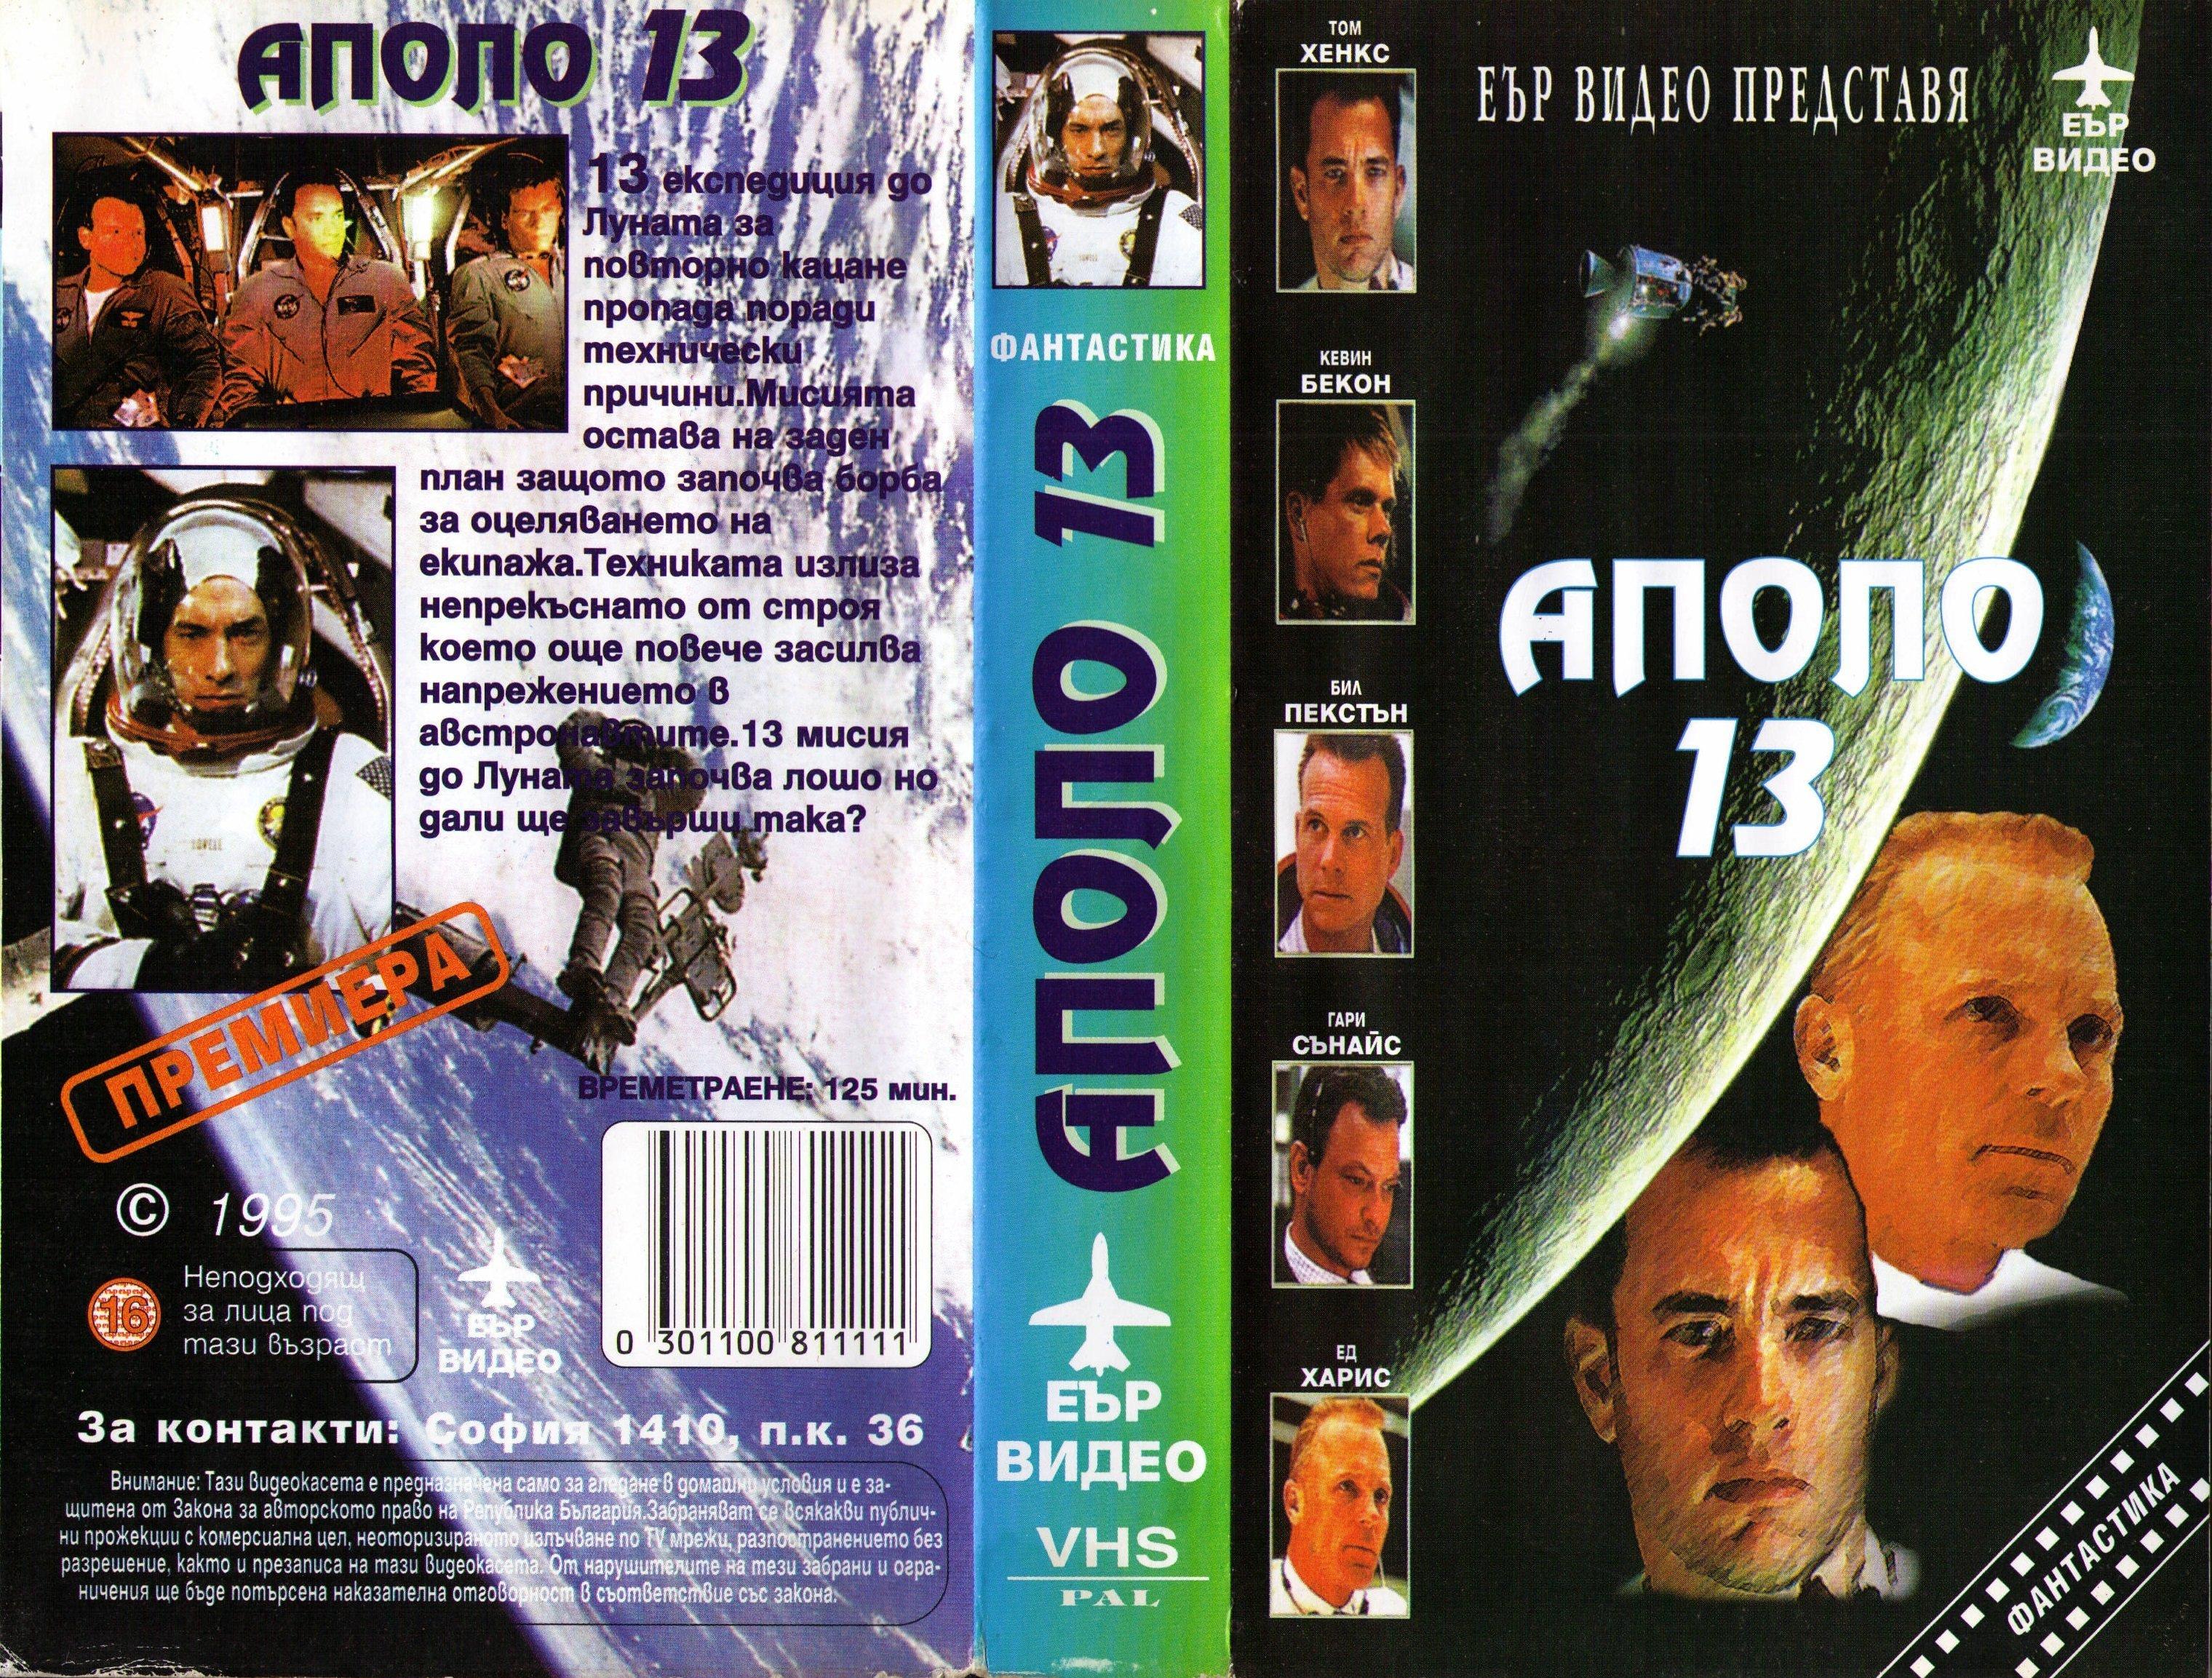 Аполо 13 филм постер касета